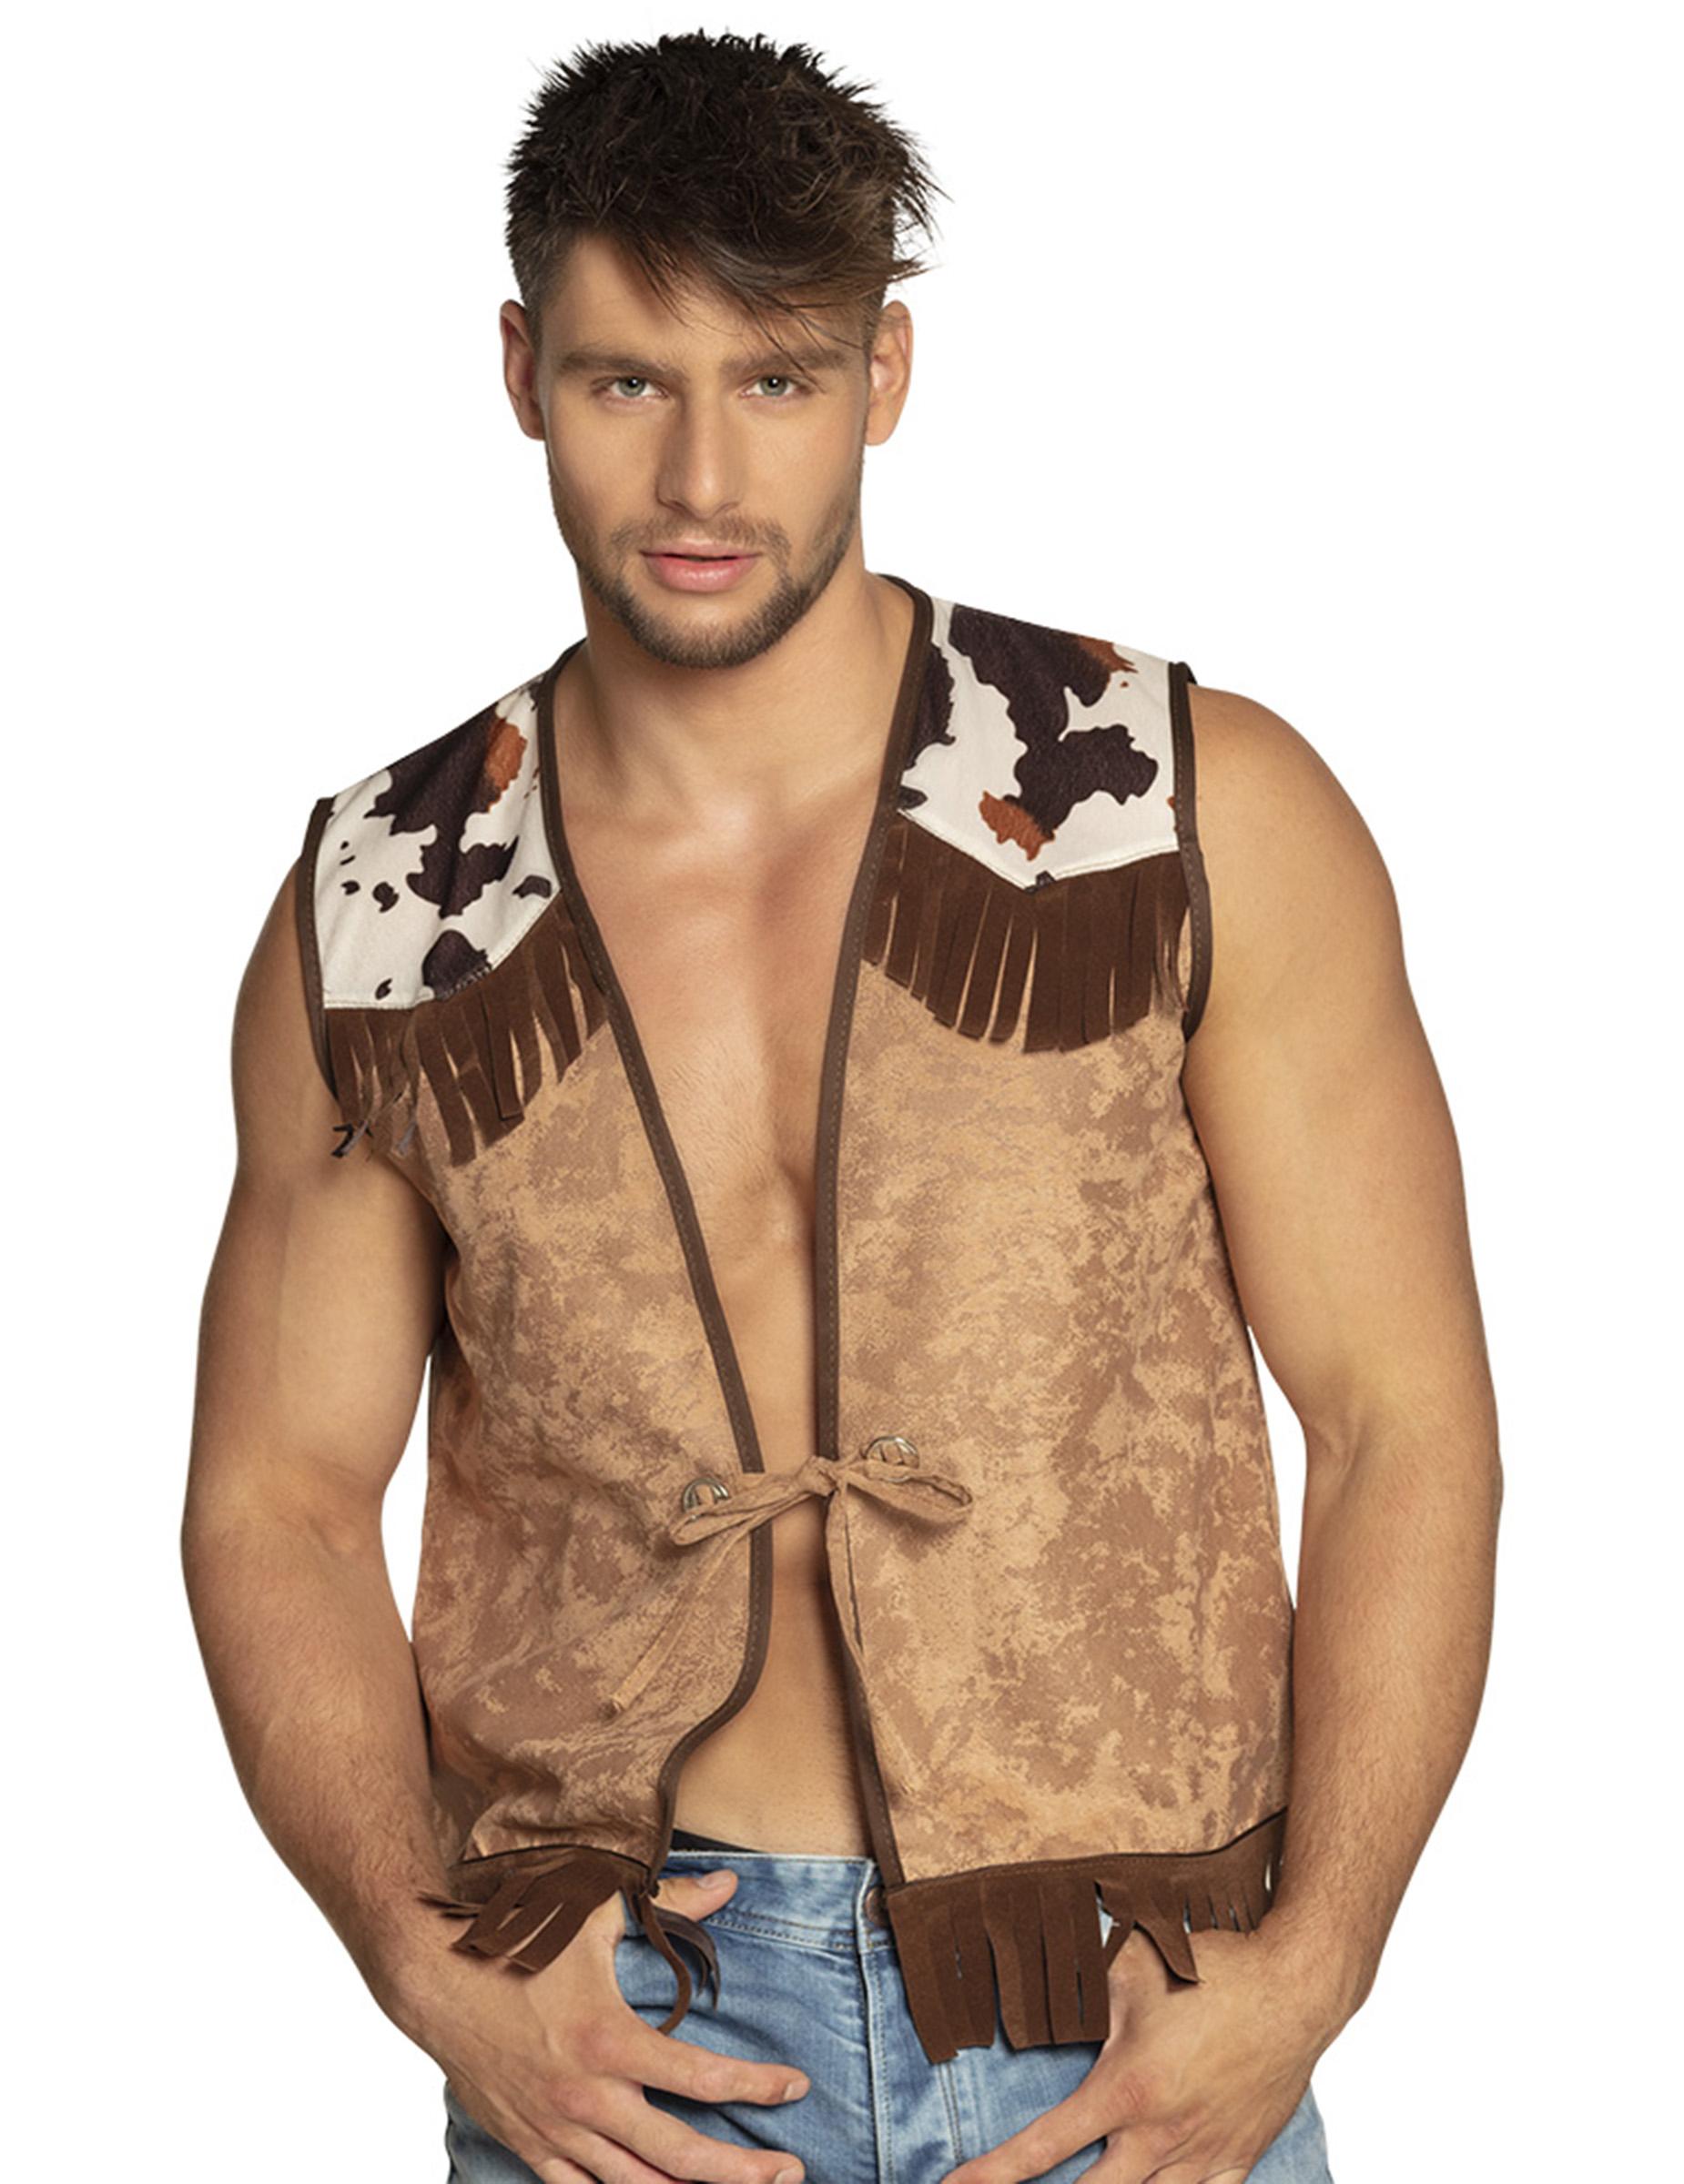 exzellente Qualität Genieße den kostenlosen Versand Wählen Sie für neueste Cowboy-Weste für Herren Accessoire braun-weiss